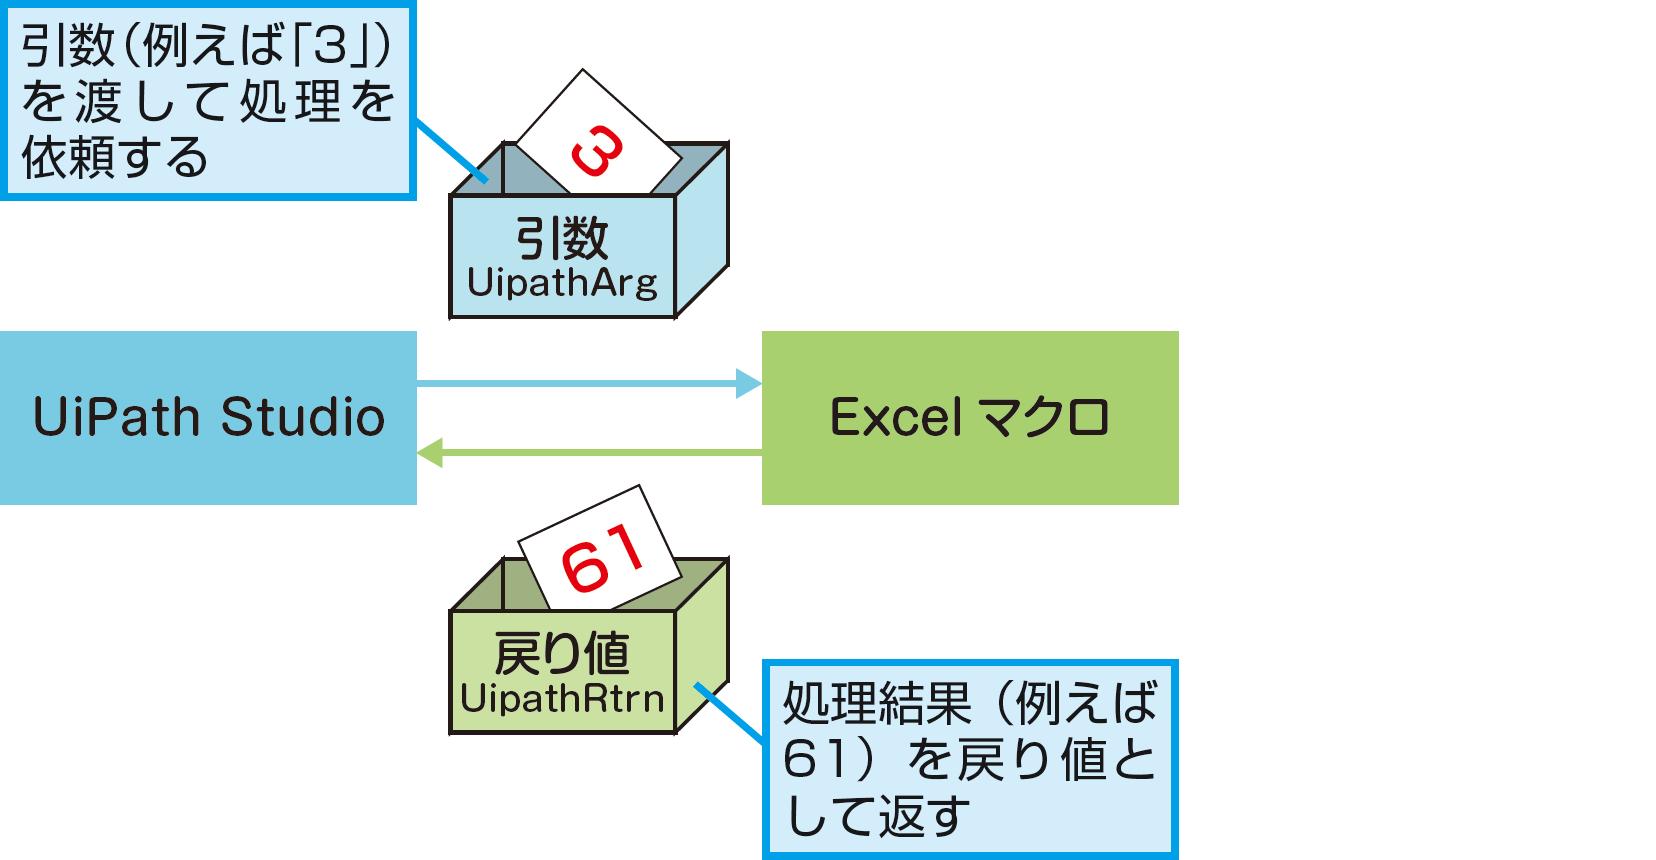 Excelのマクロを実行するには(マクロを実行) - できるUiPath